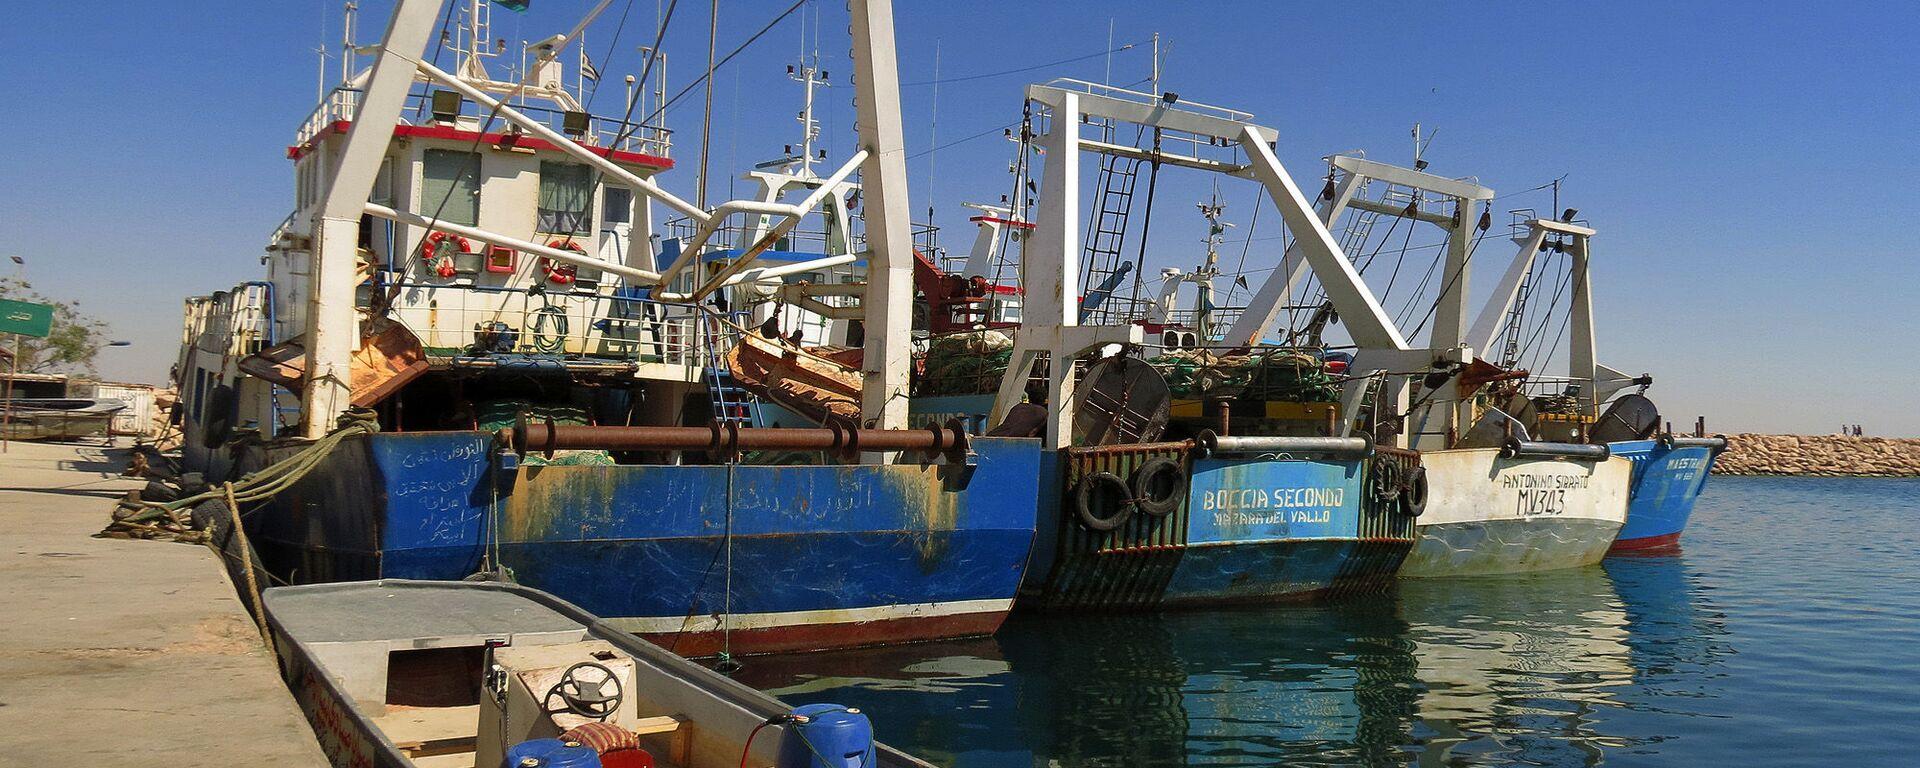 Pescherecci nel porto di Bengasi, Libia - Sputnik Italia, 1920, 05.05.2021